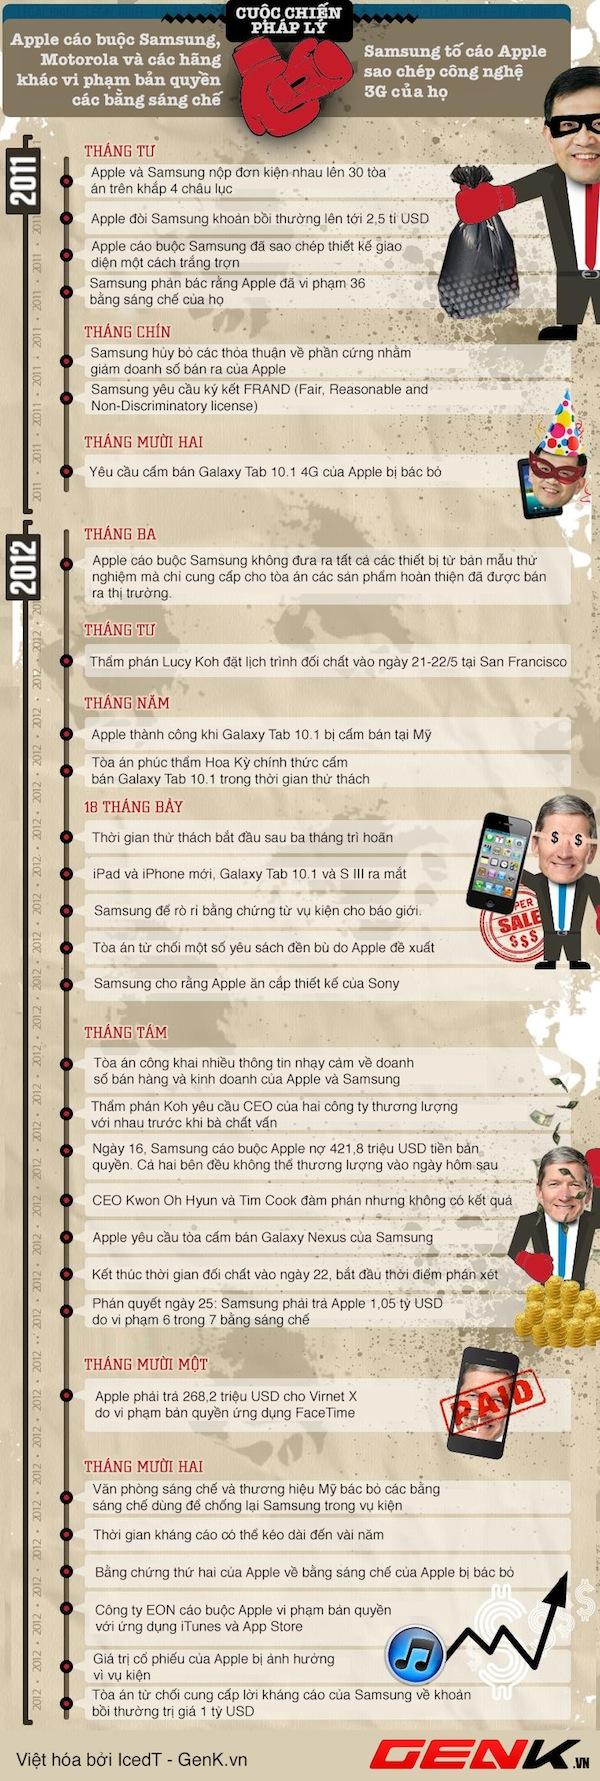 Nhìn lại cuộc chiến pháp lý giữa Apple và Samsung 1